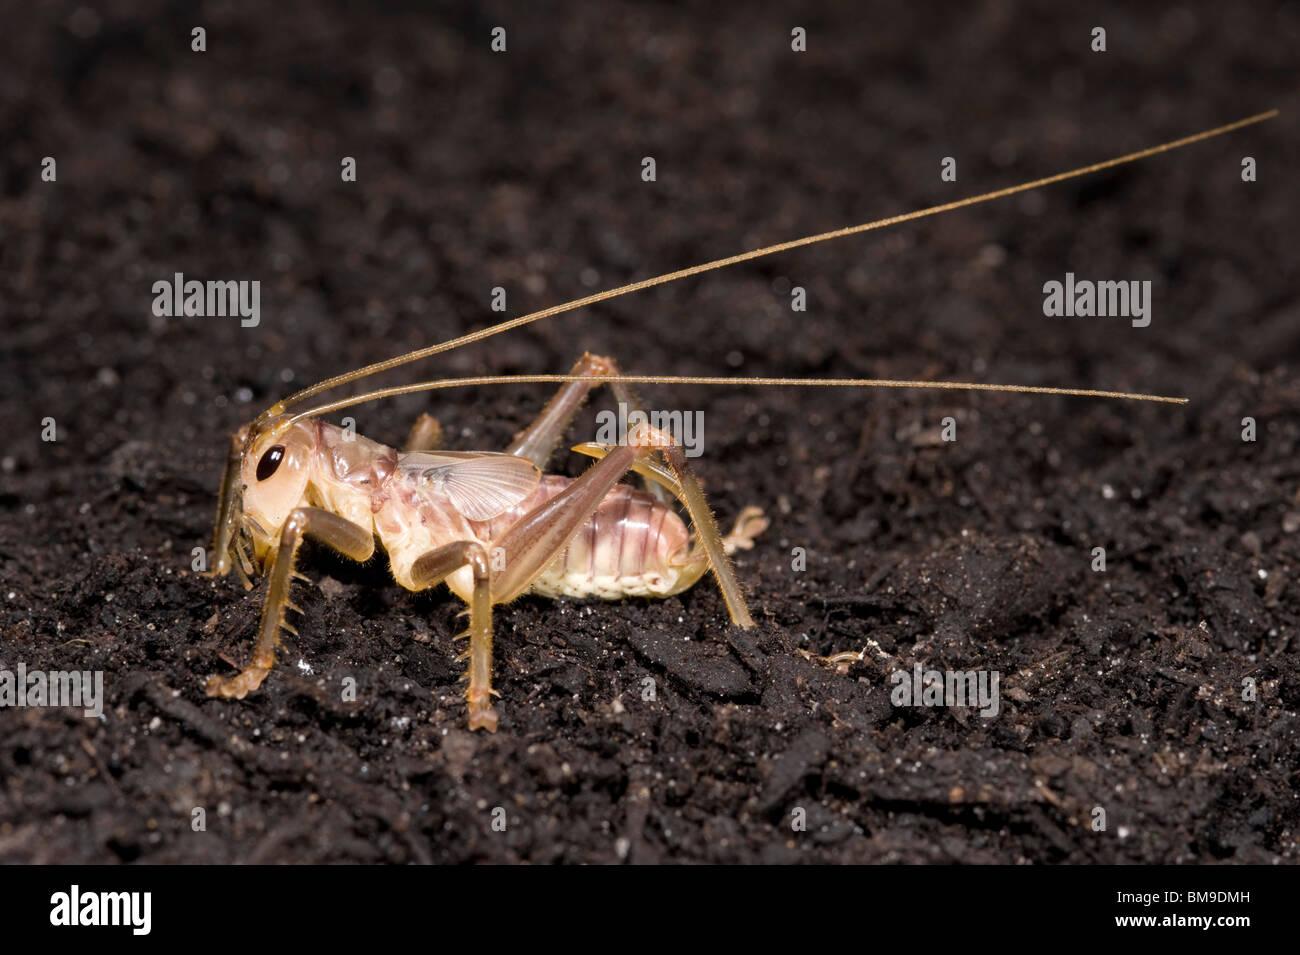 Raspy femmina cricket nymph della famiglia Gryllacrididae Immagini Stock